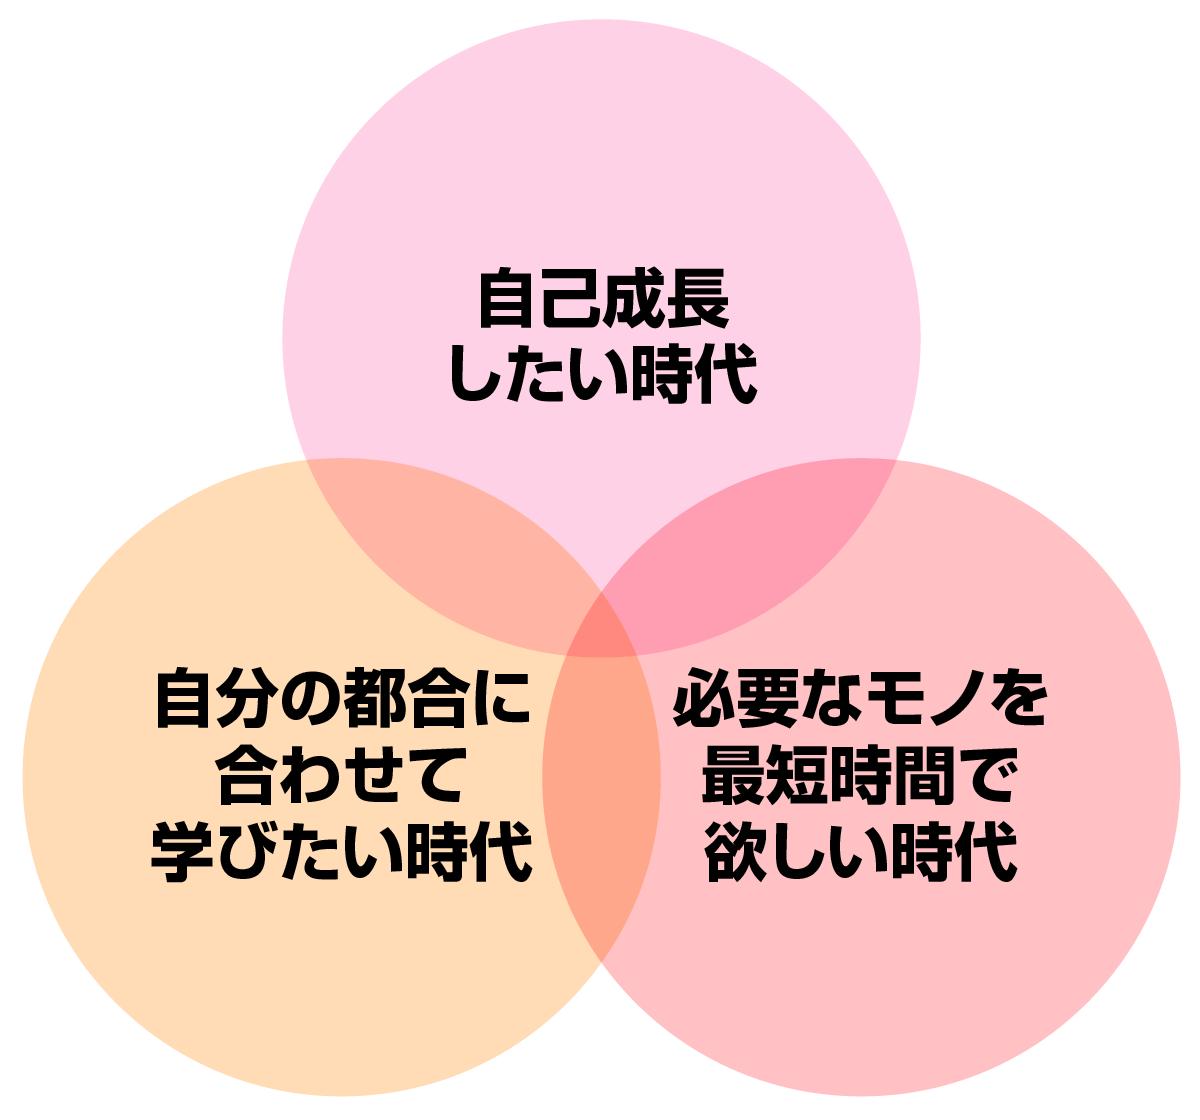 コンテンツビジネスに大きな可能性がある3つの時代